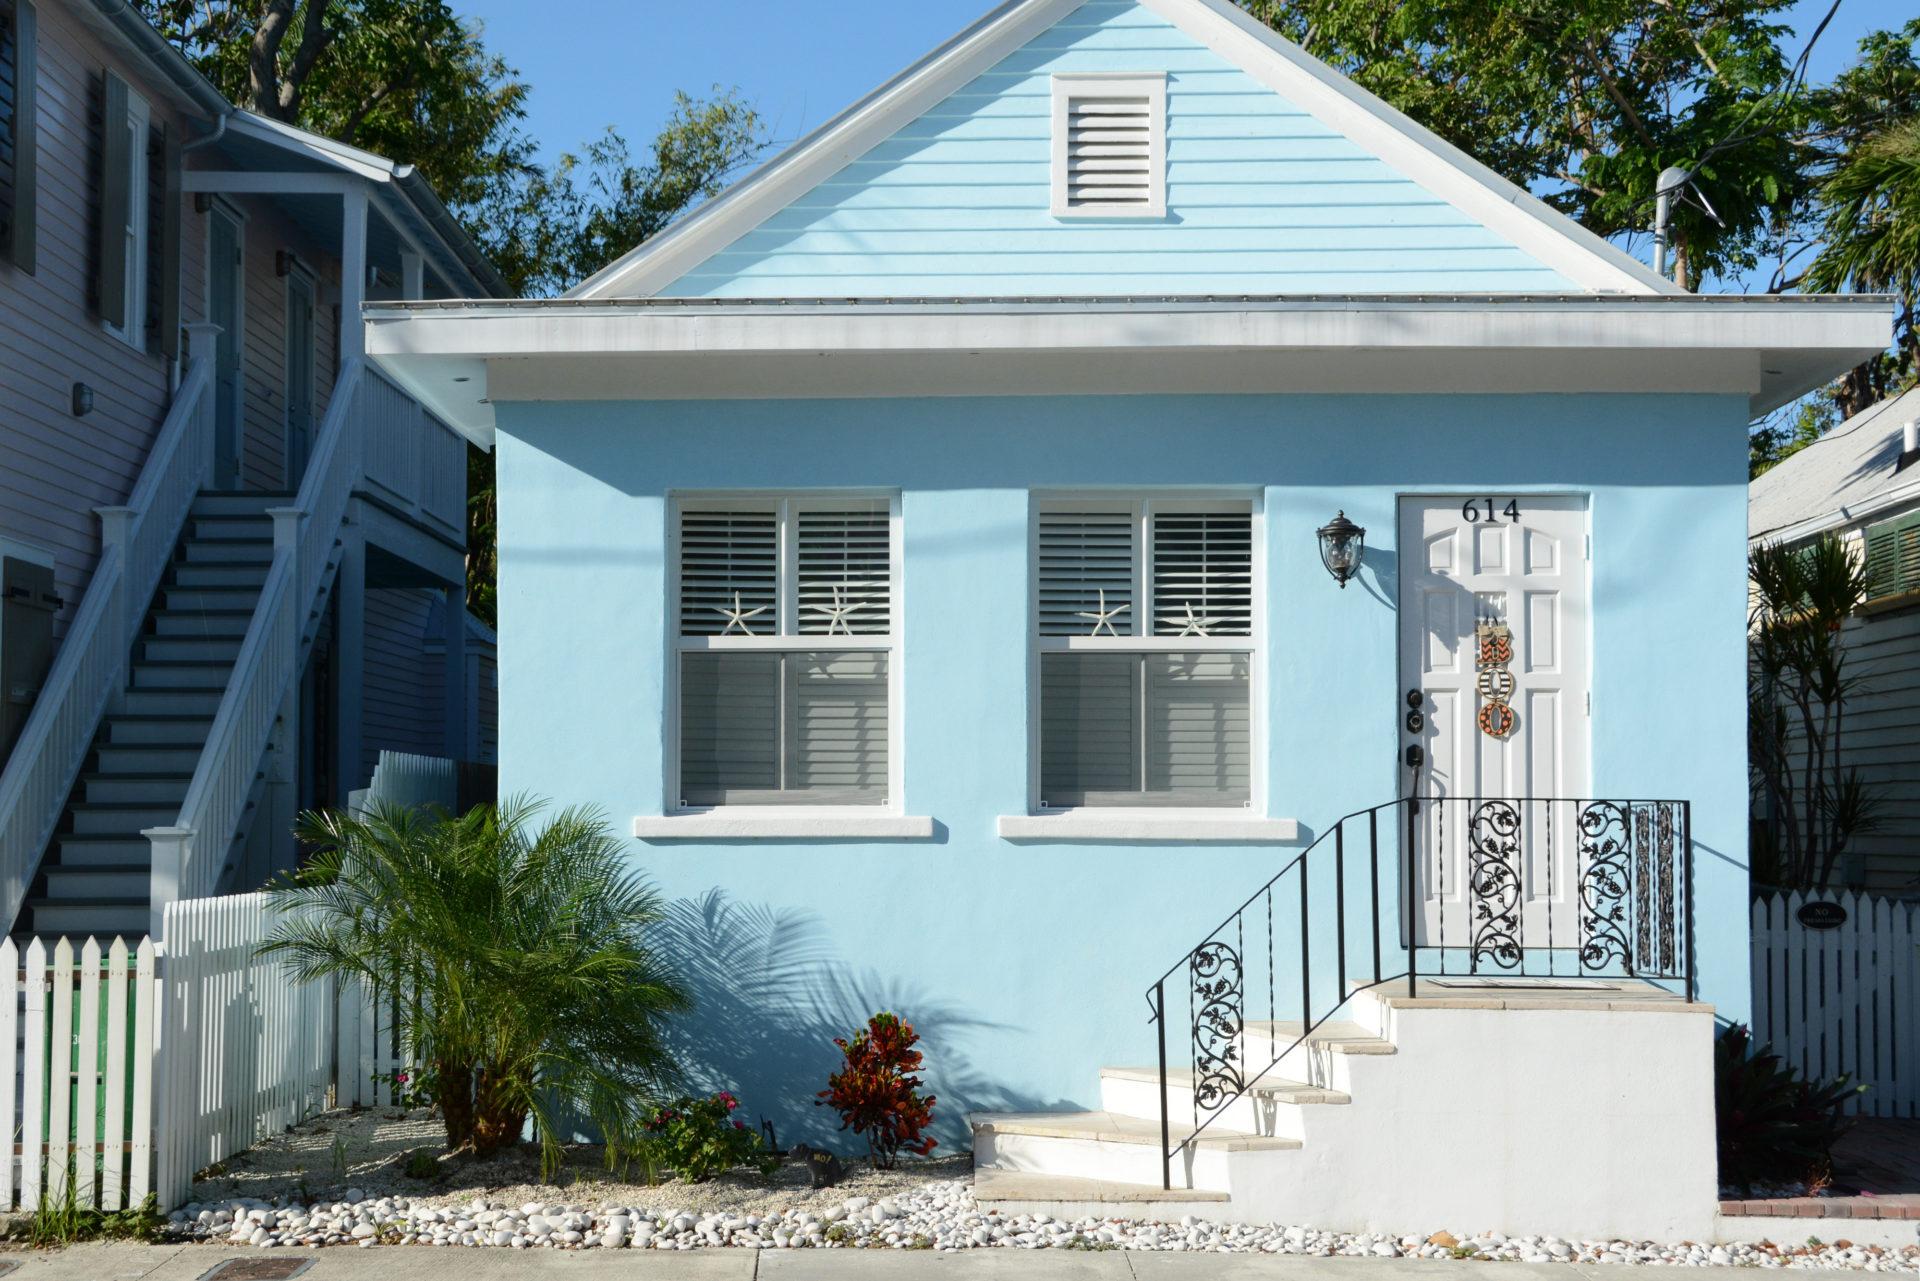 Ein pastellfarbenes Haus auf dem Parcours der Fahrradtour durch Key West mit Kew West Bike Tours